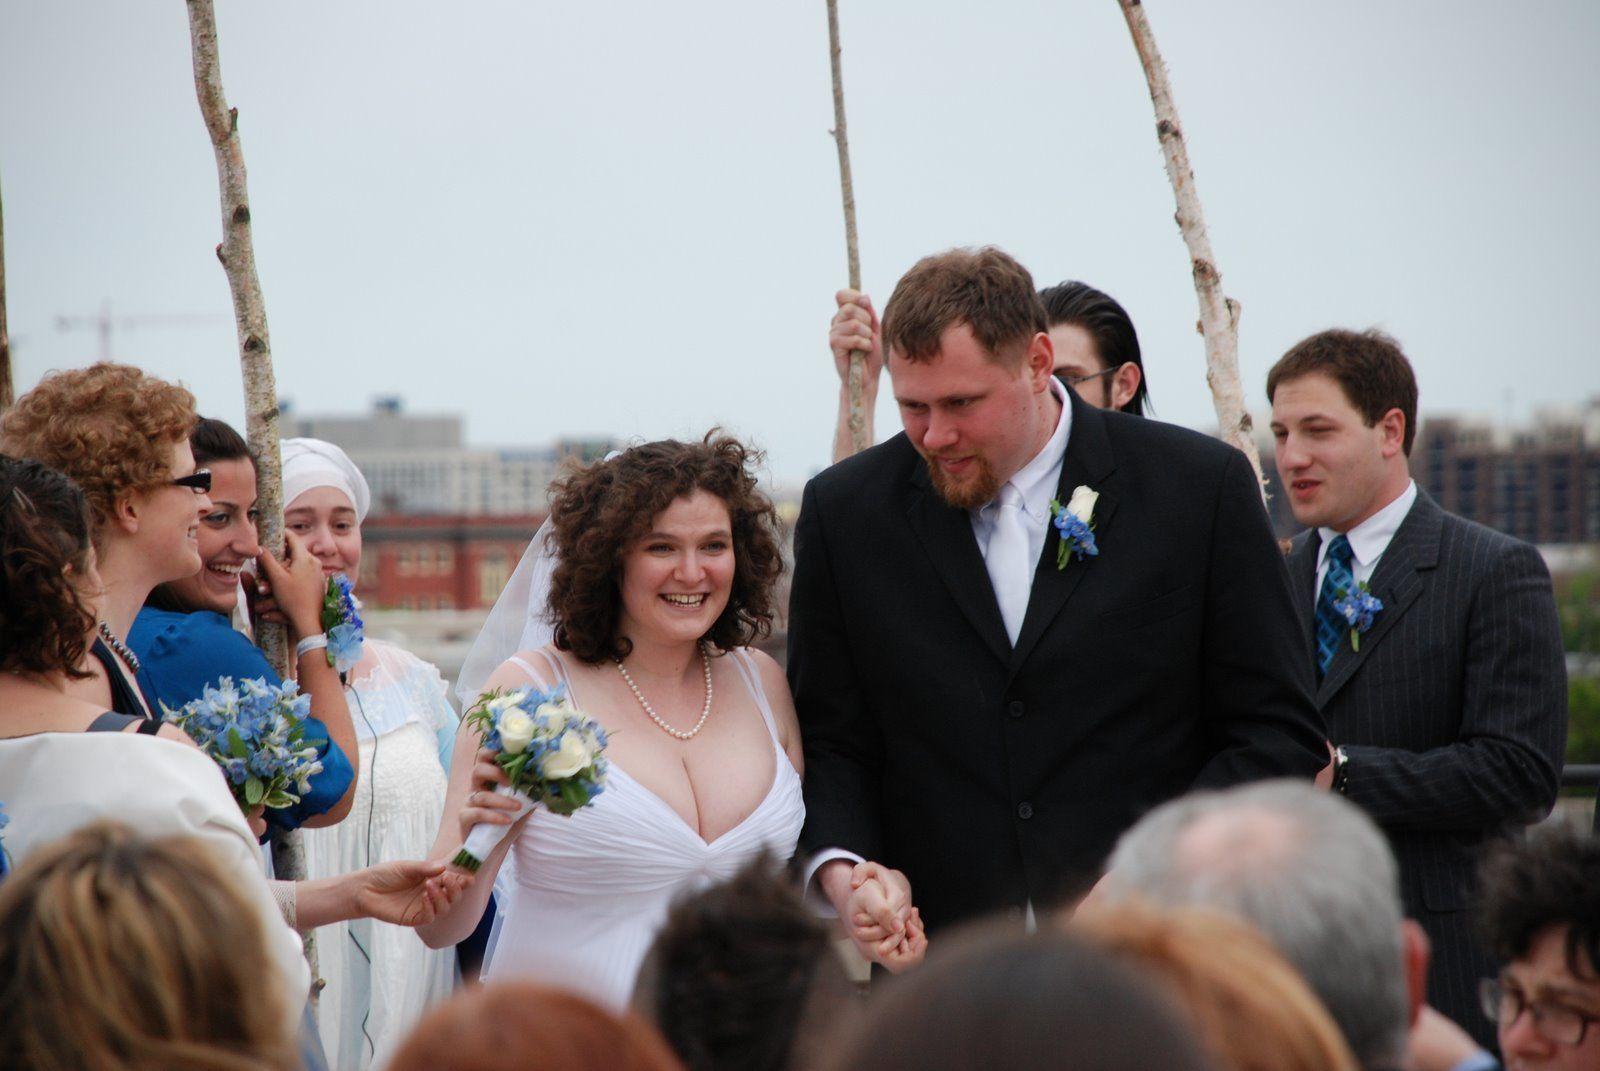 γάμος δεν dating EP 12 YouTube BP ιστοσελίδα γνωριμιών